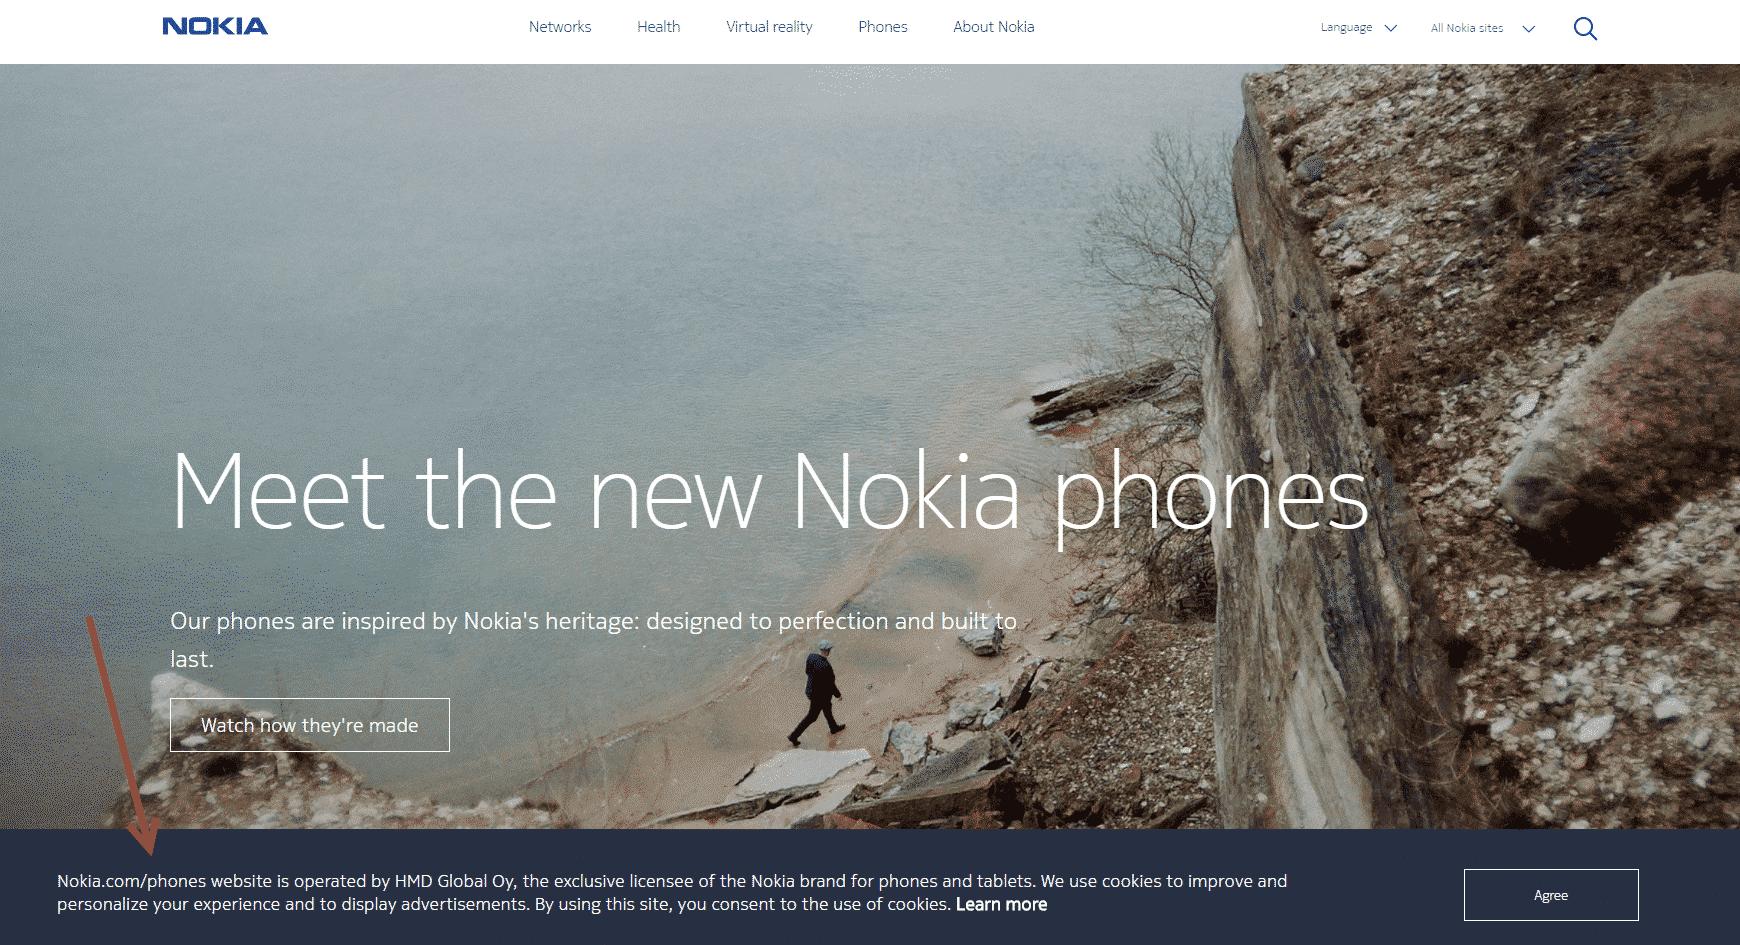 %D9%86%D9%88%D9%83%D9%8A%D8%A7 دور شركتي HMD و FIH في هواتف نوكيا وحقيقة عودة NOKIA